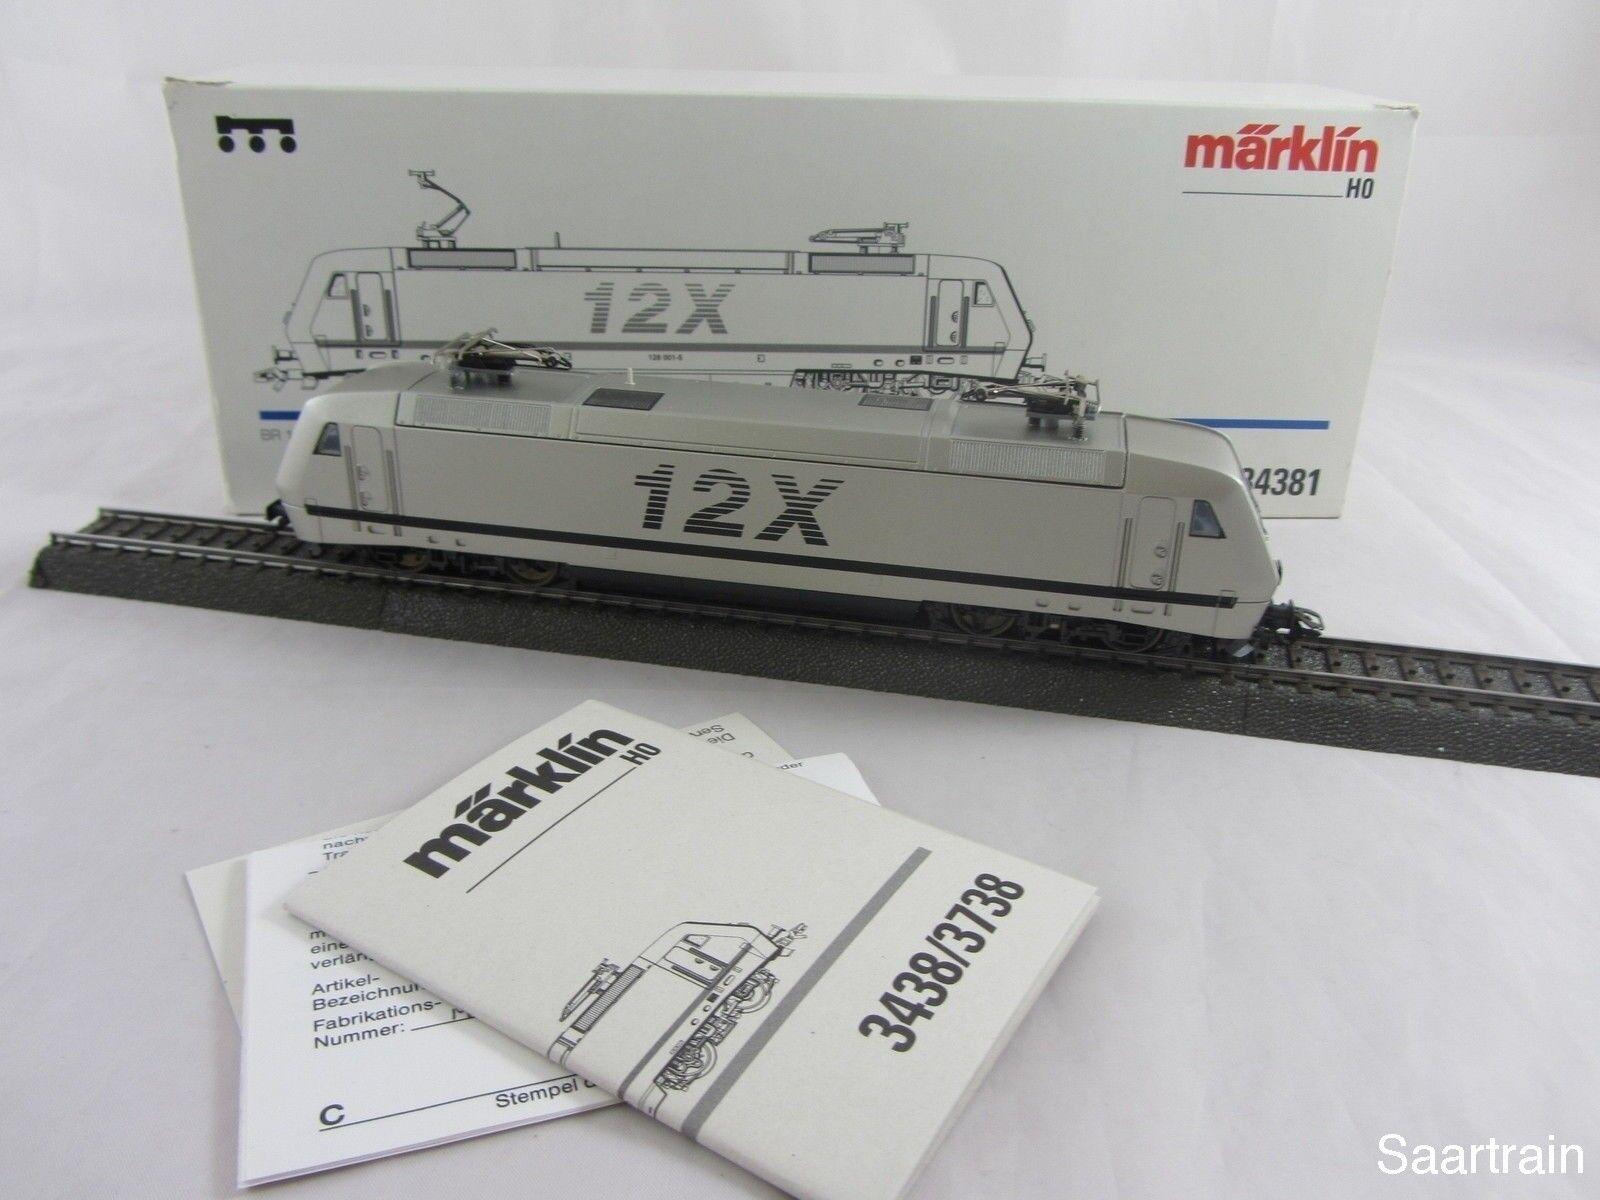 Marklin Marklin Marklin 34381 serie siano 128 001 5 e Lok 12x in prima d'argentooo... buone condizioni e con imballo originale 84aed3